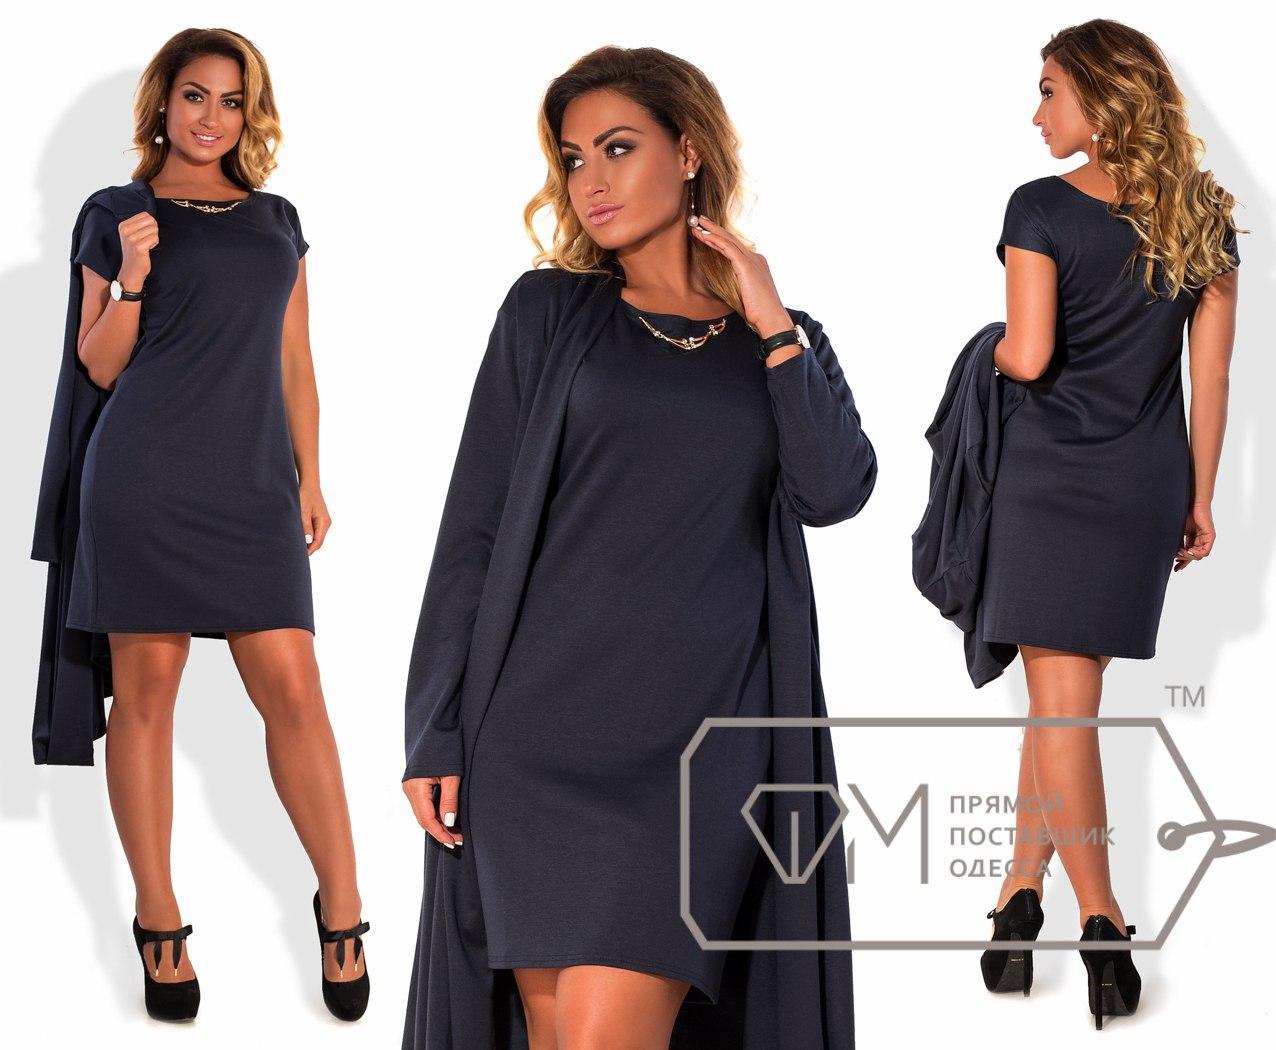 Трикотажное платье с кардиганом